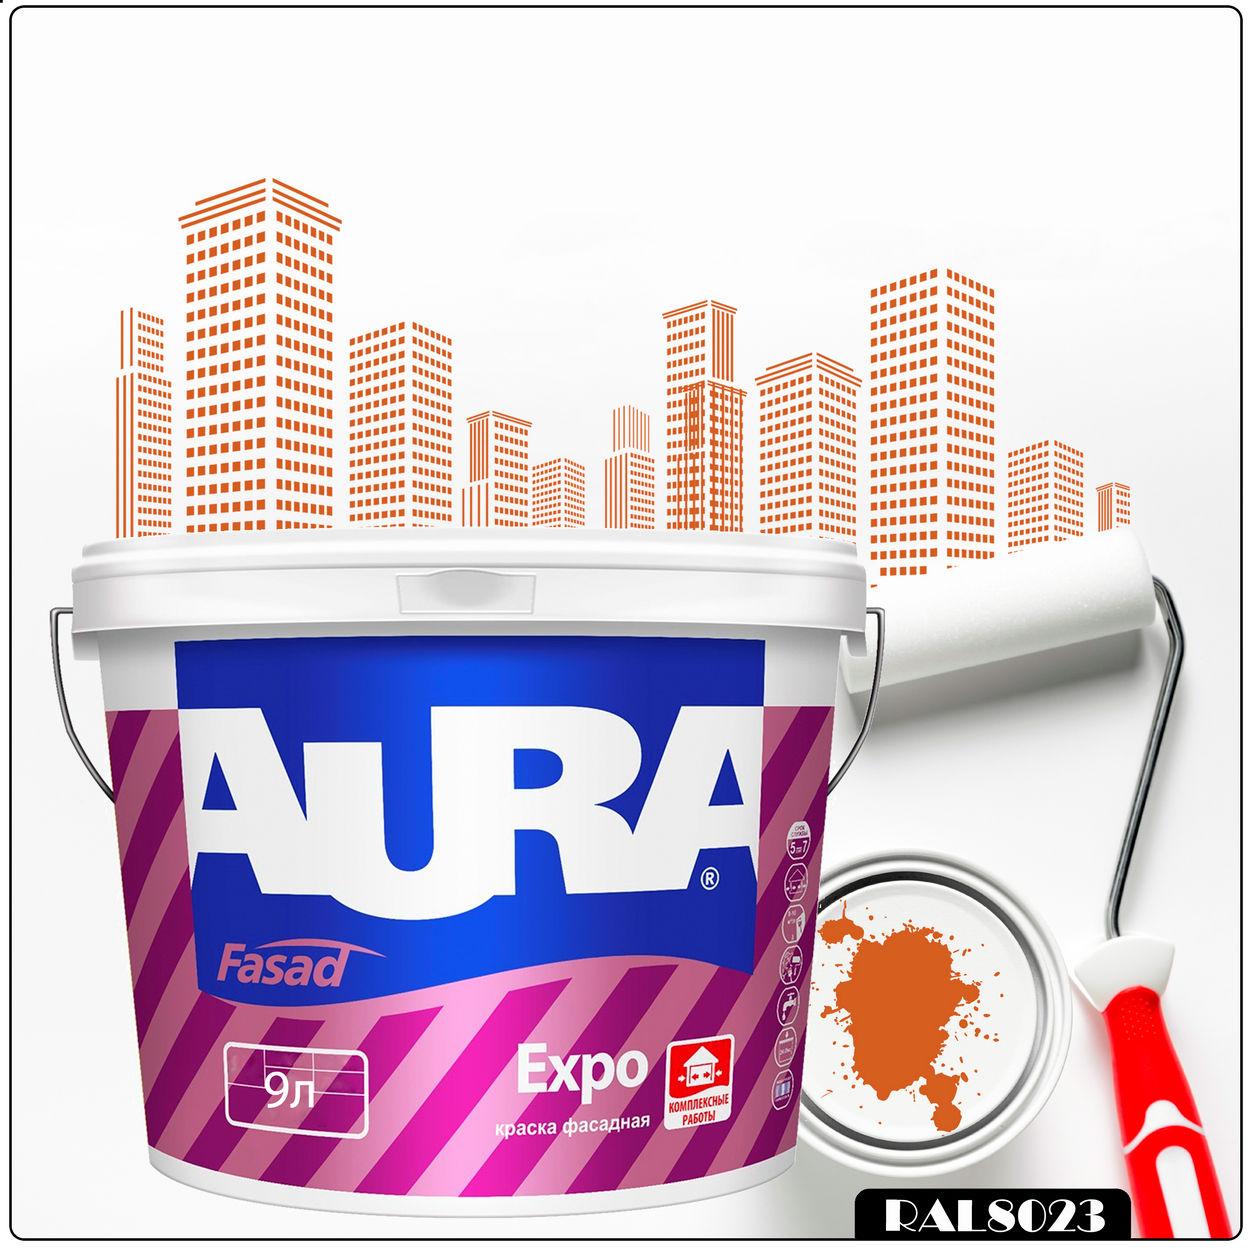 Фото 16 - Краска Aura Fasad Expo, RAL 8023 Оранжево-коричневый, матовая, для фасадов и помещений с повышенной влажностью, 9л.